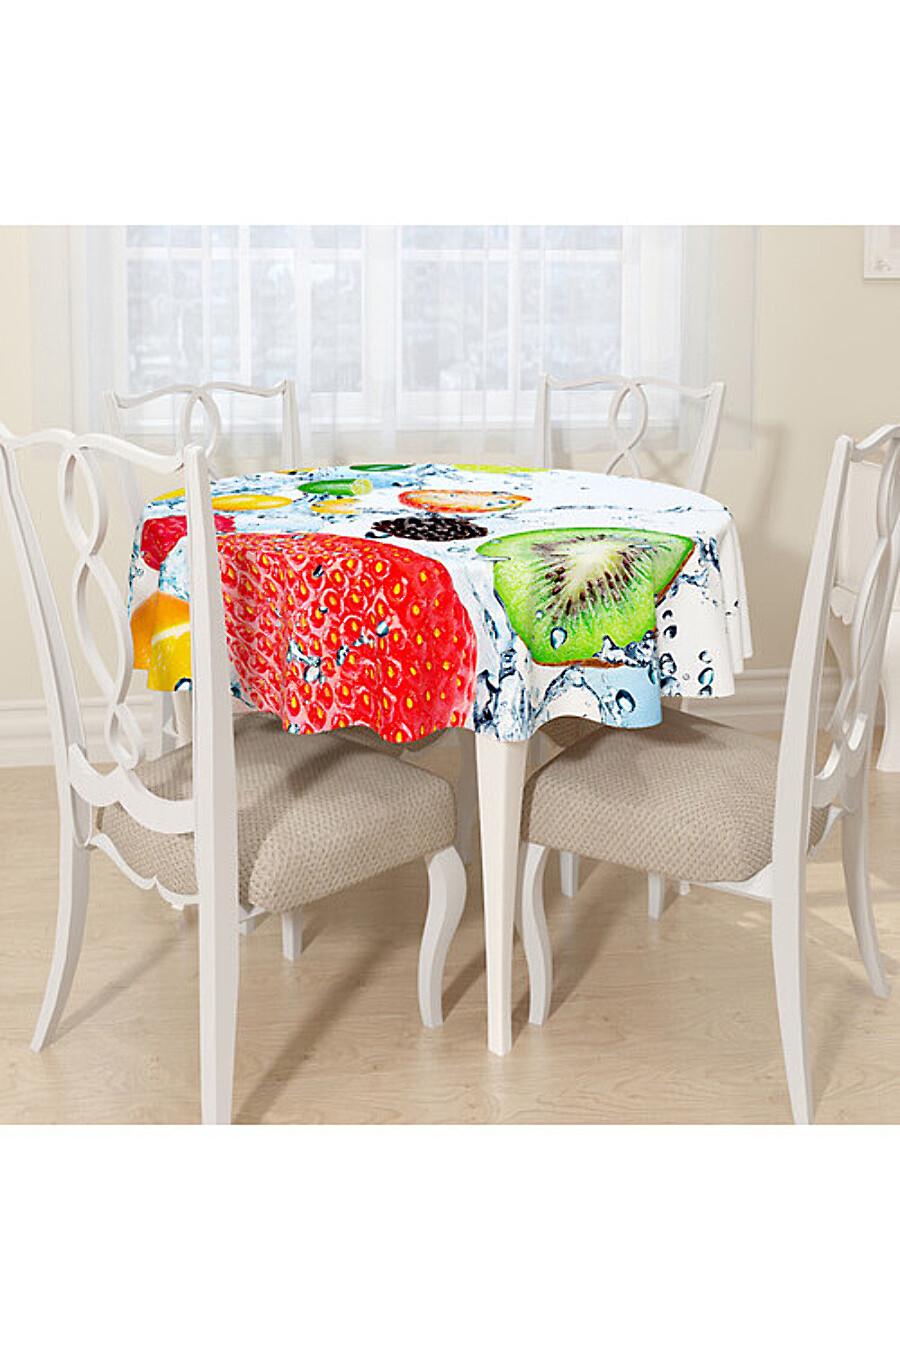 Скатерть для дома ART HOME TEXTILE 180481 купить оптом от производителя. Совместная покупка товаров для дома в OptMoyo